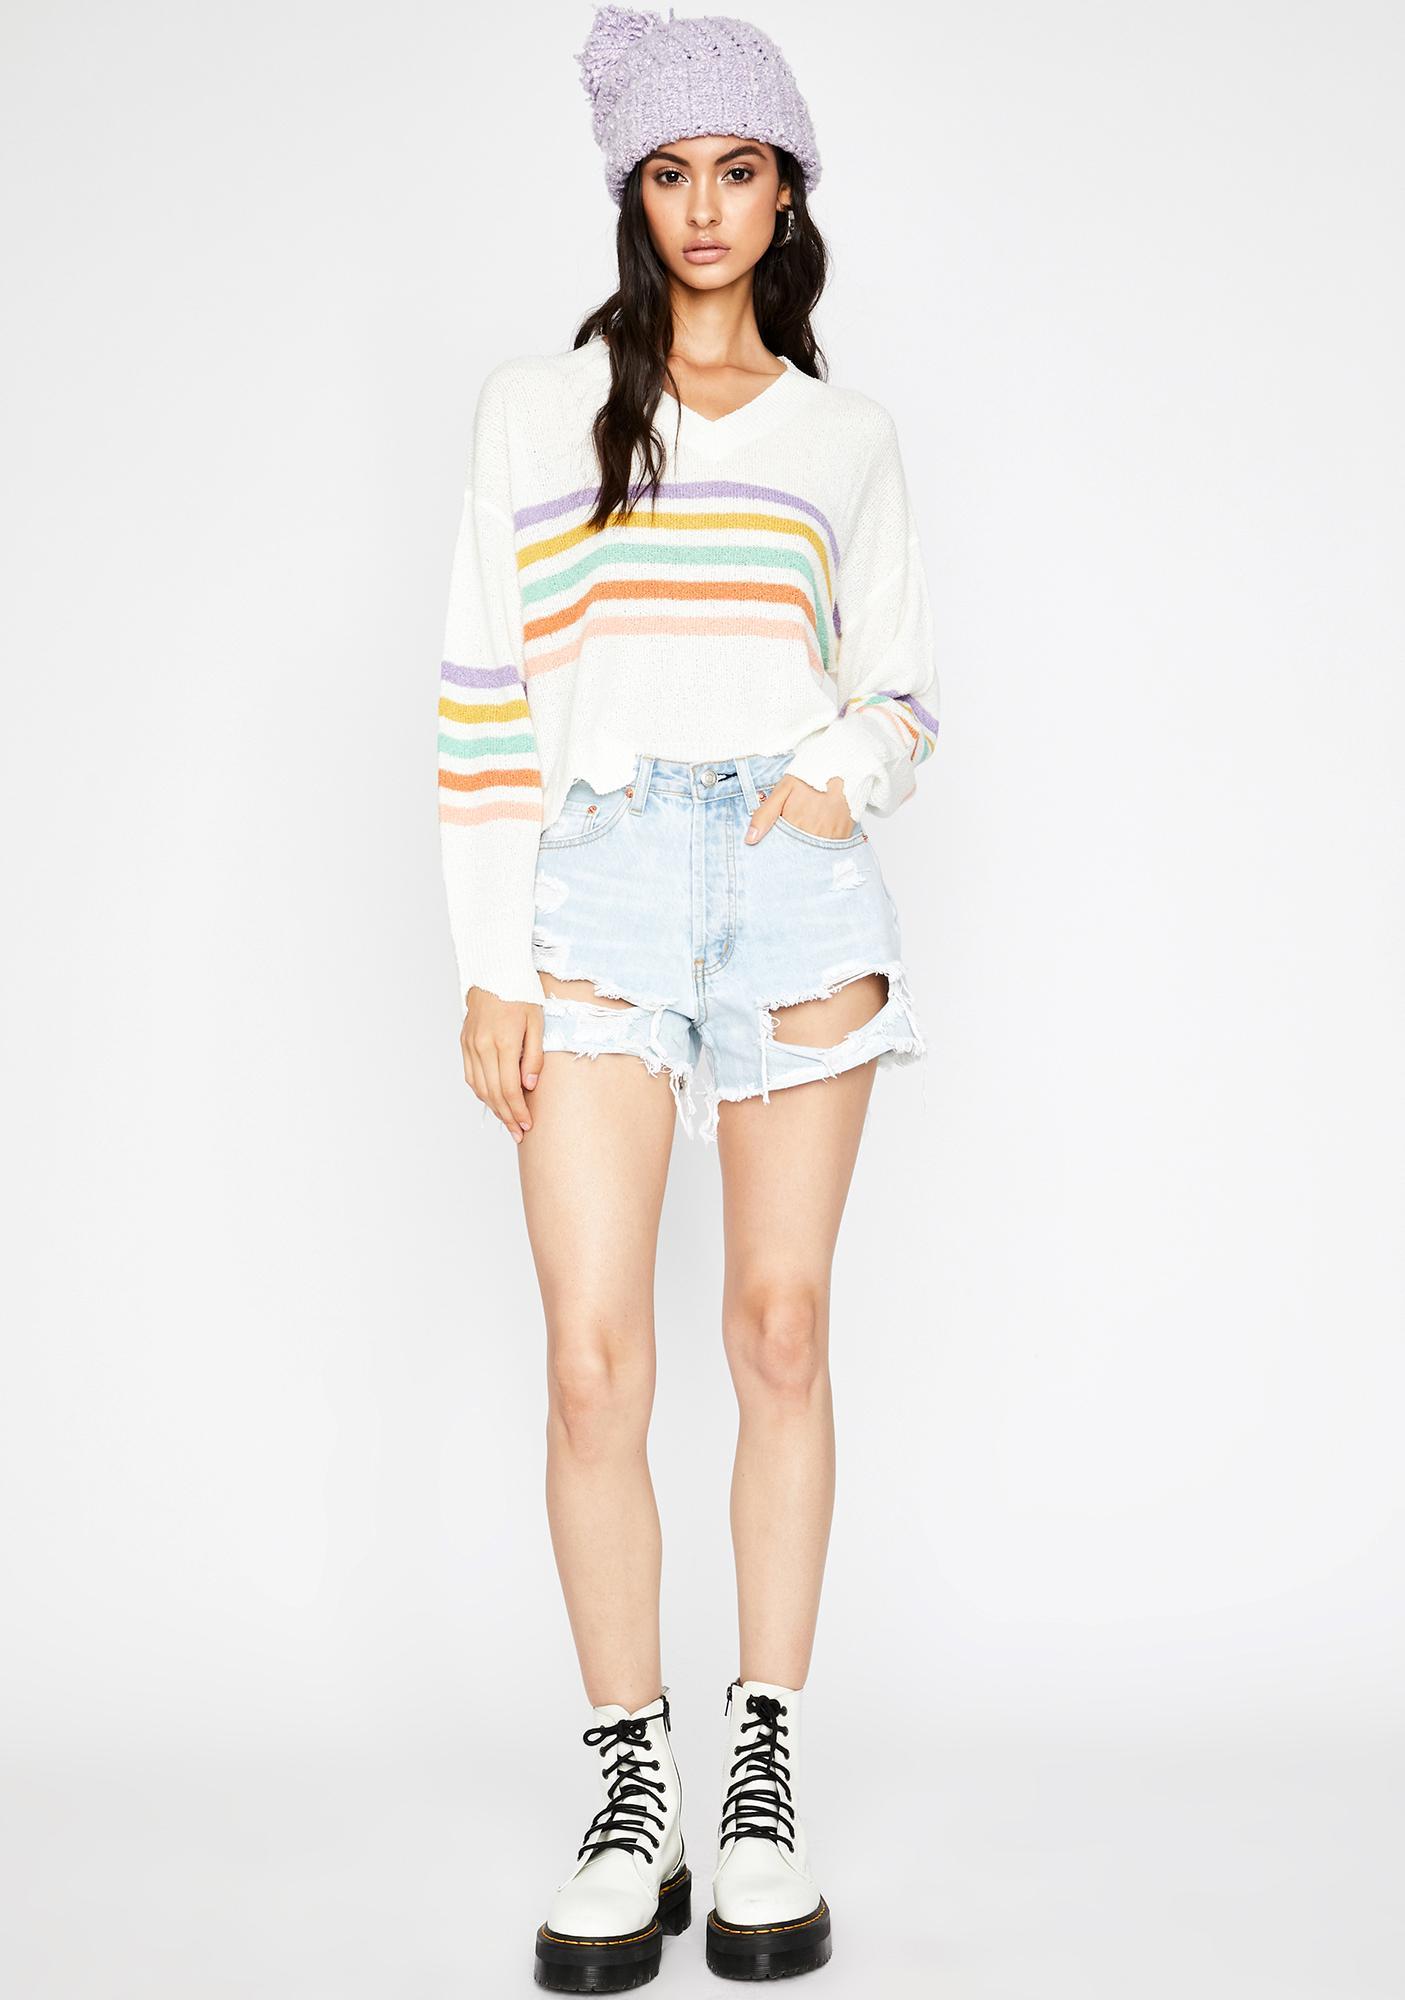 Snuggle Bae Striped Sweater